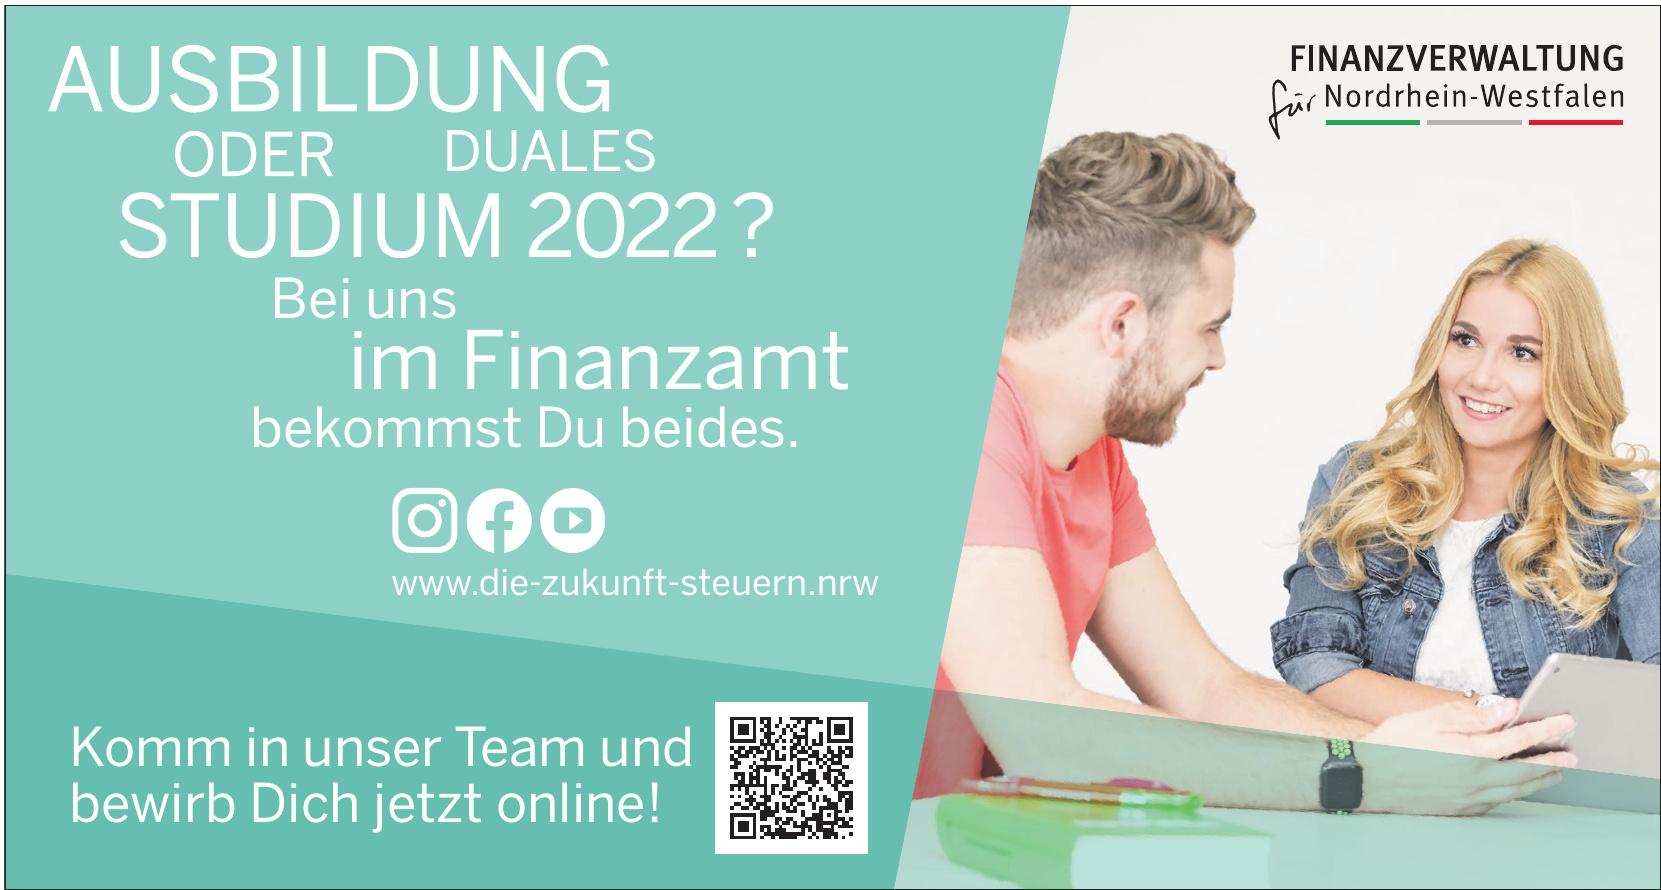 Finanzverwaltung Nordrhein-Westfalen